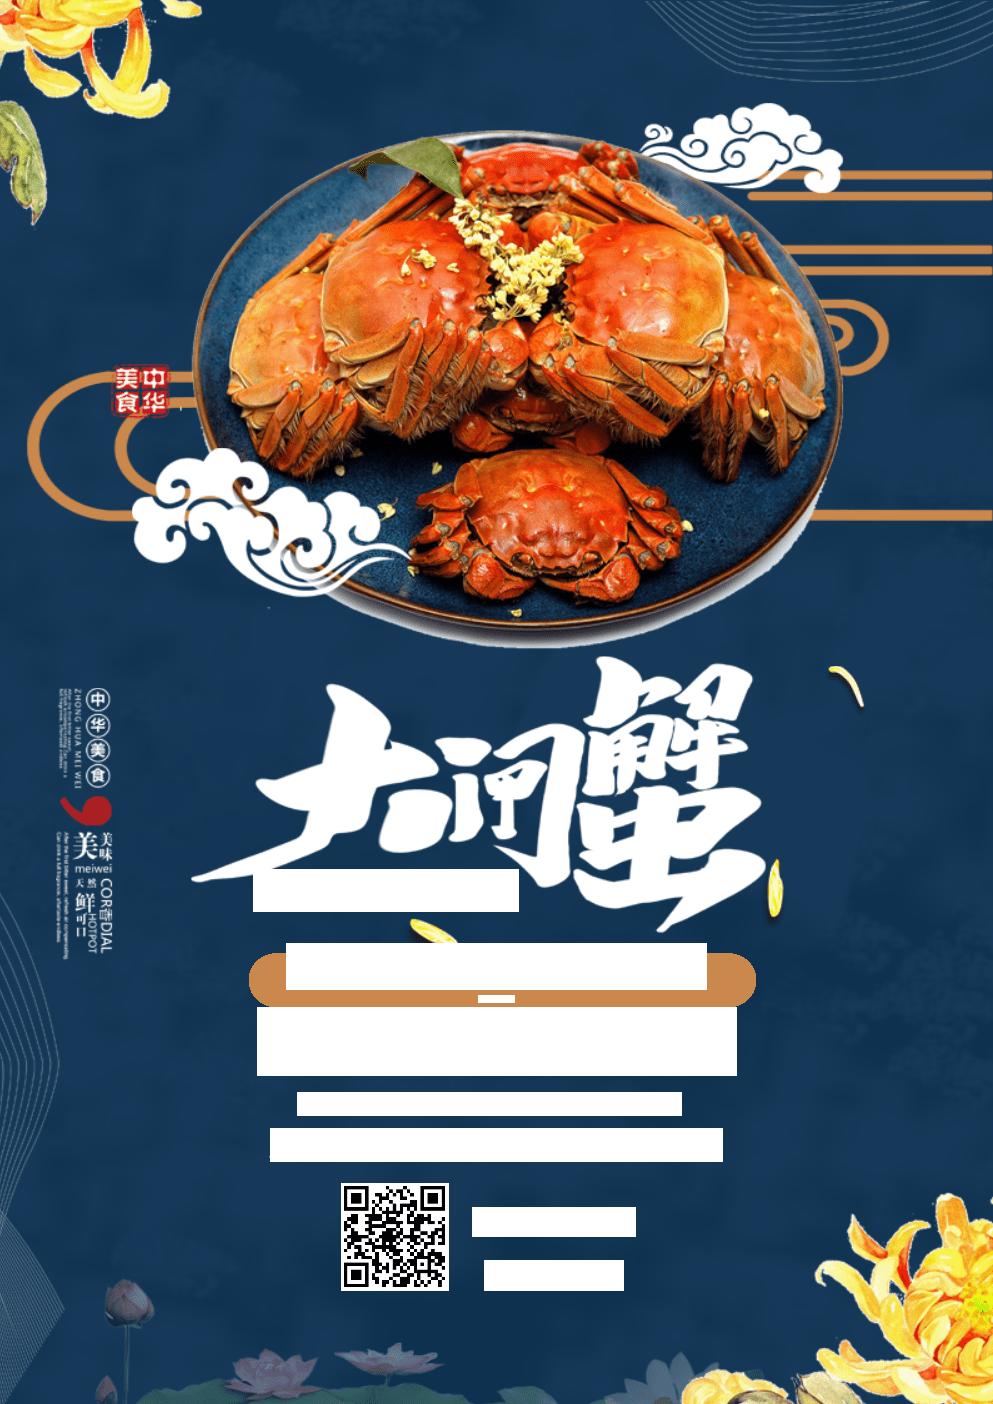 大闸蟹美食宣传海报.docx